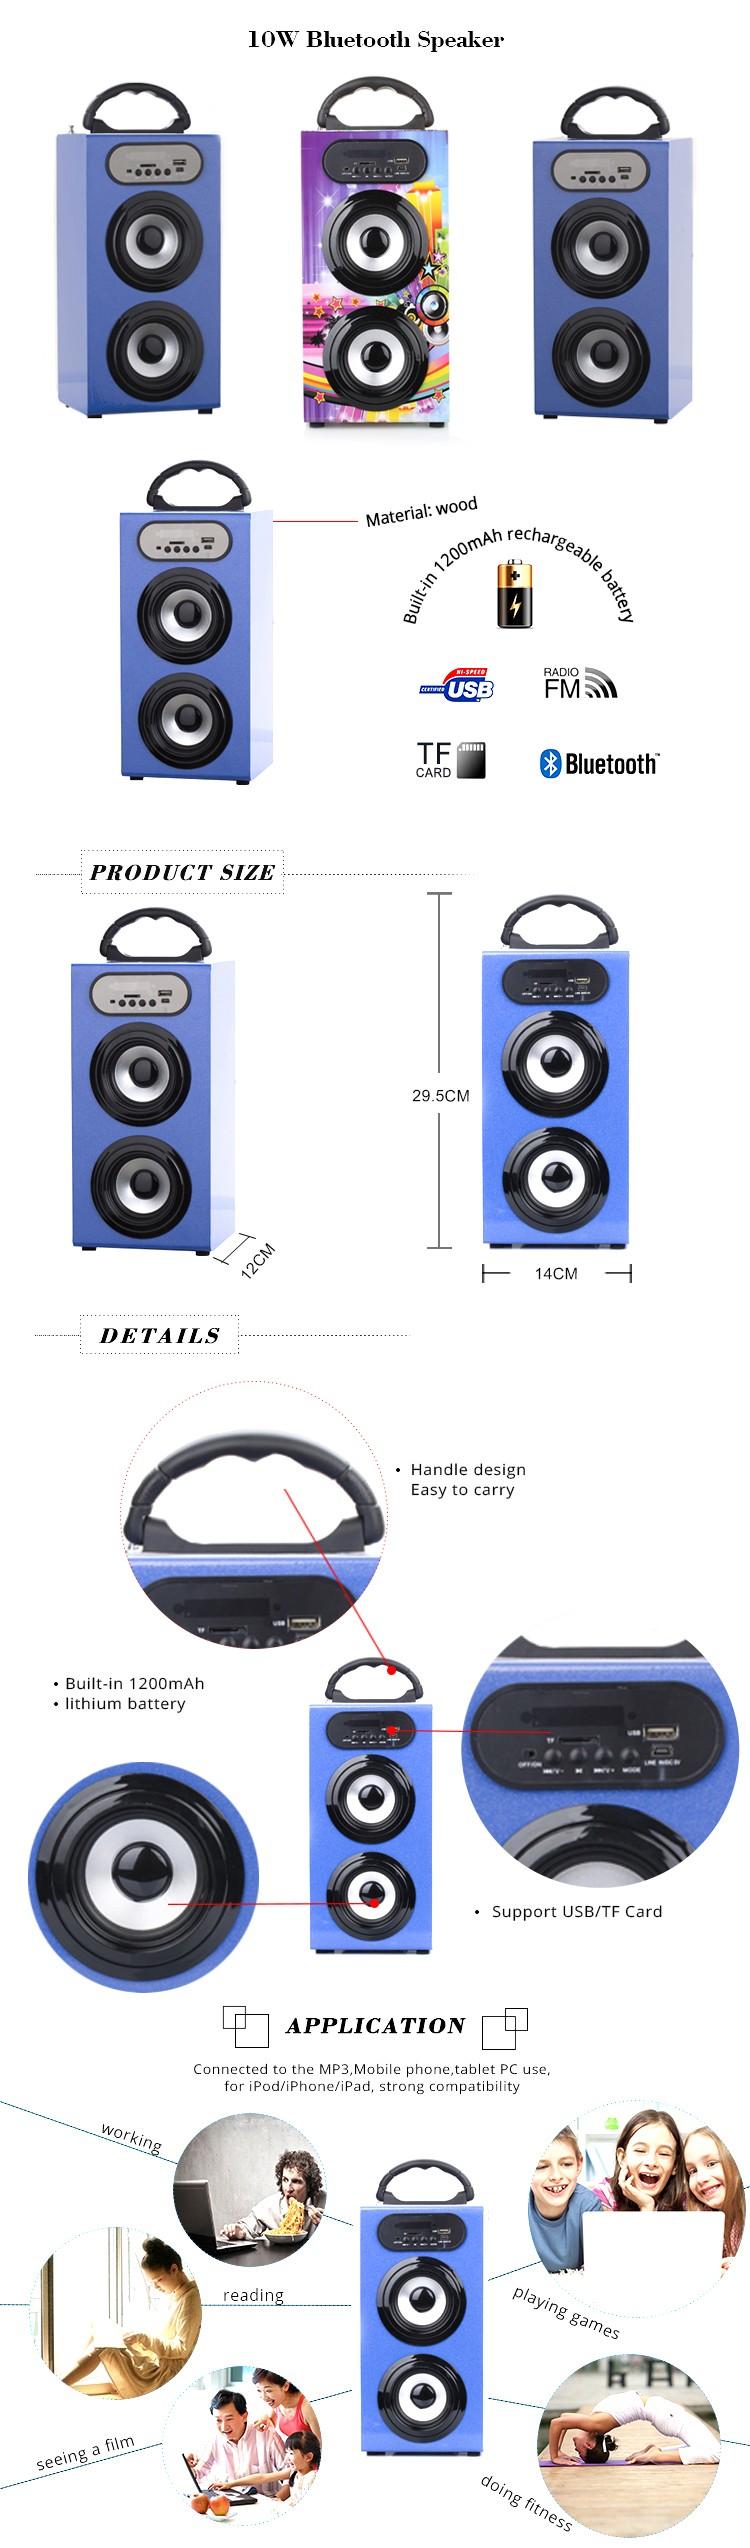 Bbq Kbq606 10w 1200mah Cheap Bluetooth Wireless External Tv